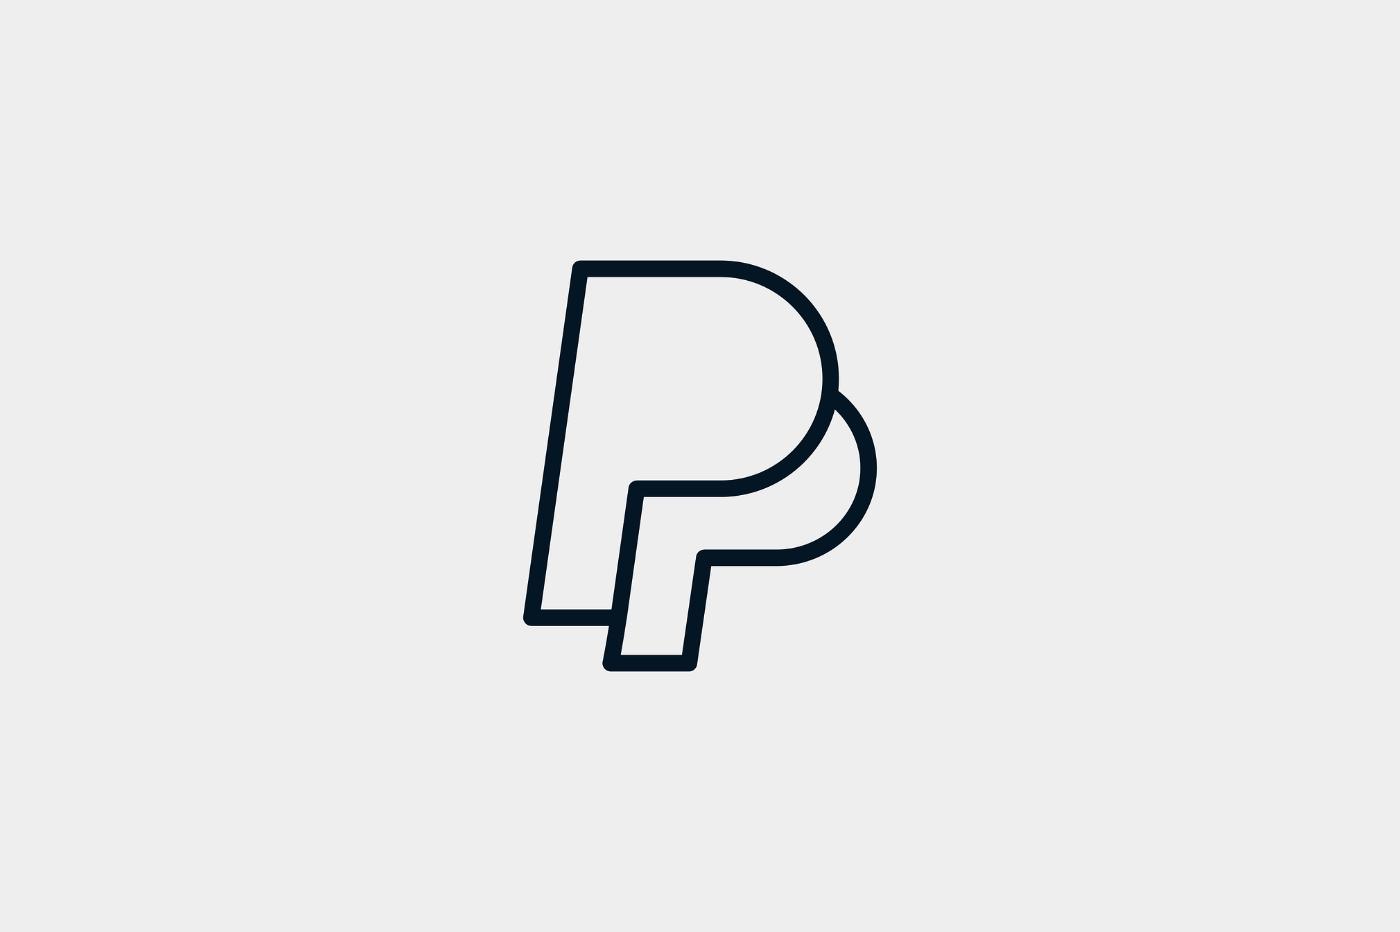 L'annonce des crypto-monnaies sur PayPal s'attire une nouvelle rumeur